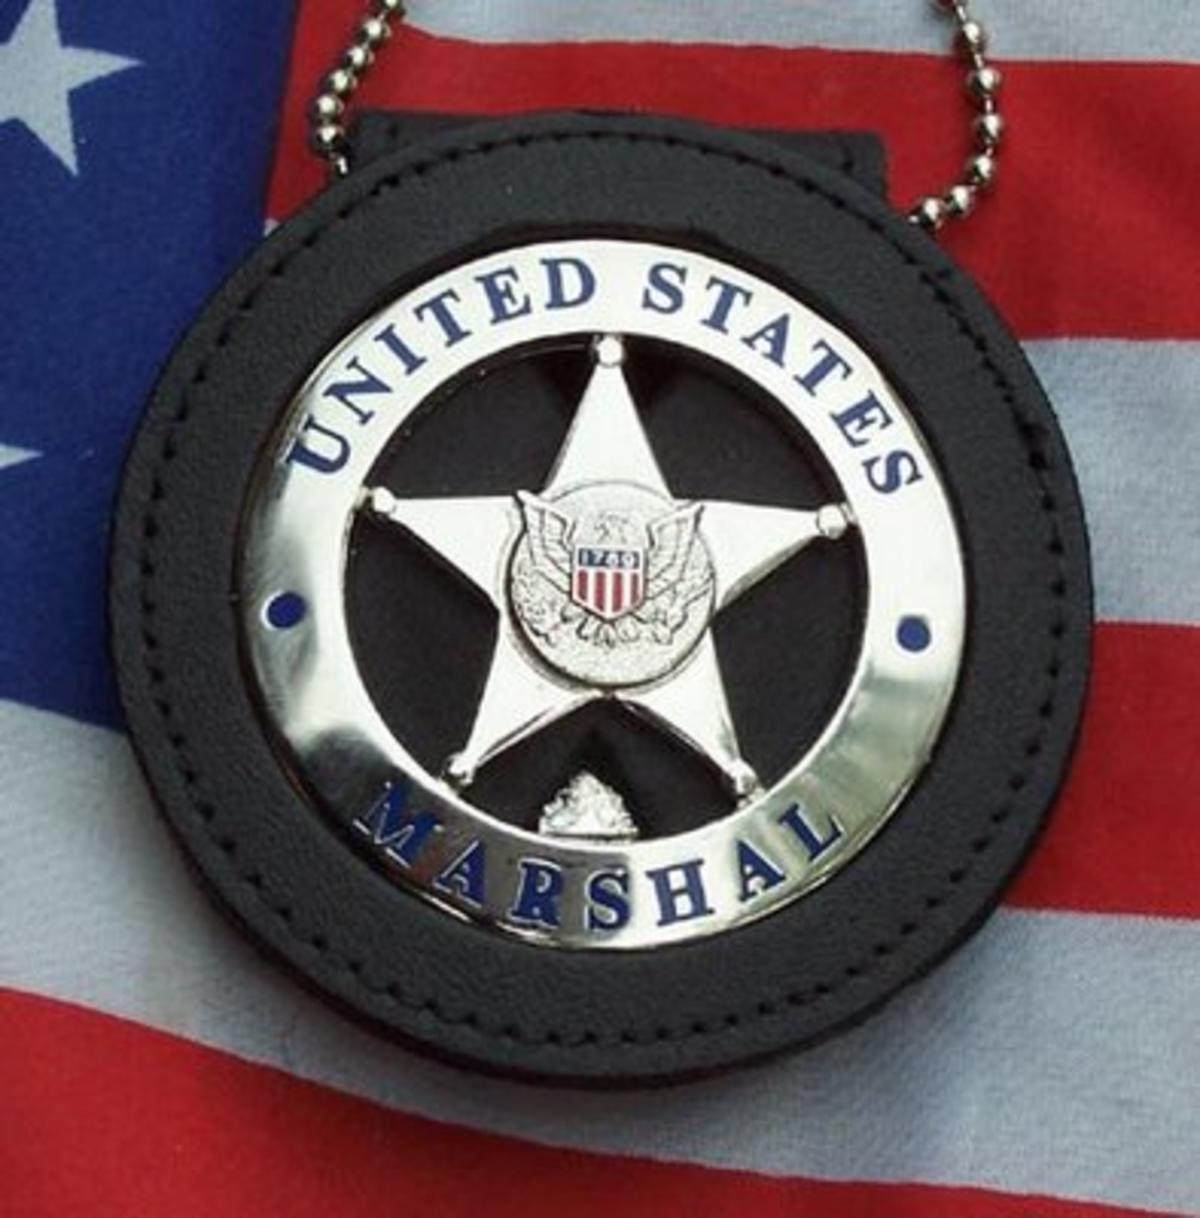 Servicio de Alguaciles de los Estados Unidos subastará 660 BTC confiscados